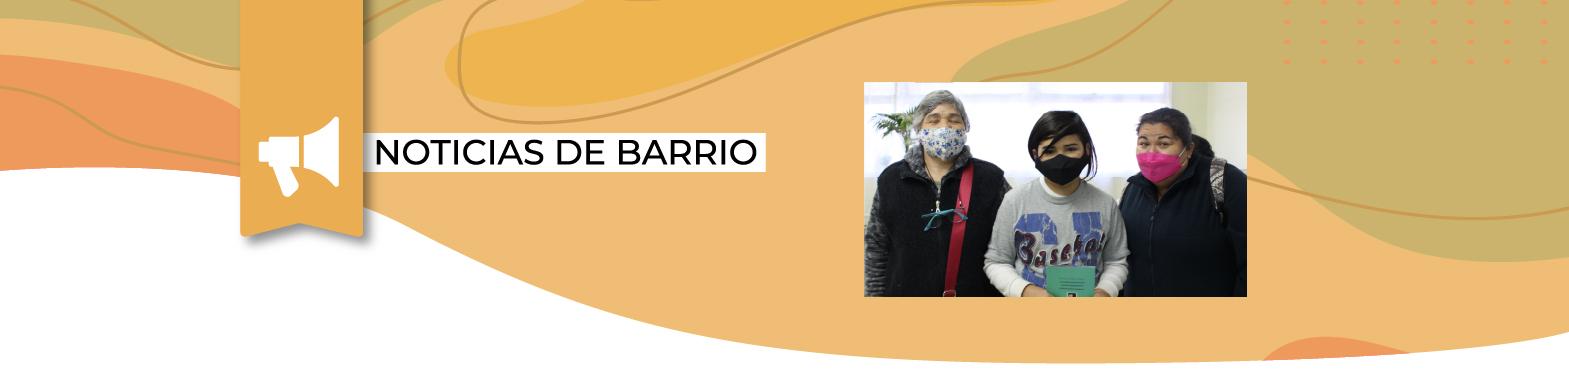 Junto al Barrio entrega 245 chip a vecinos/as de Villa Nuevo Amanecer